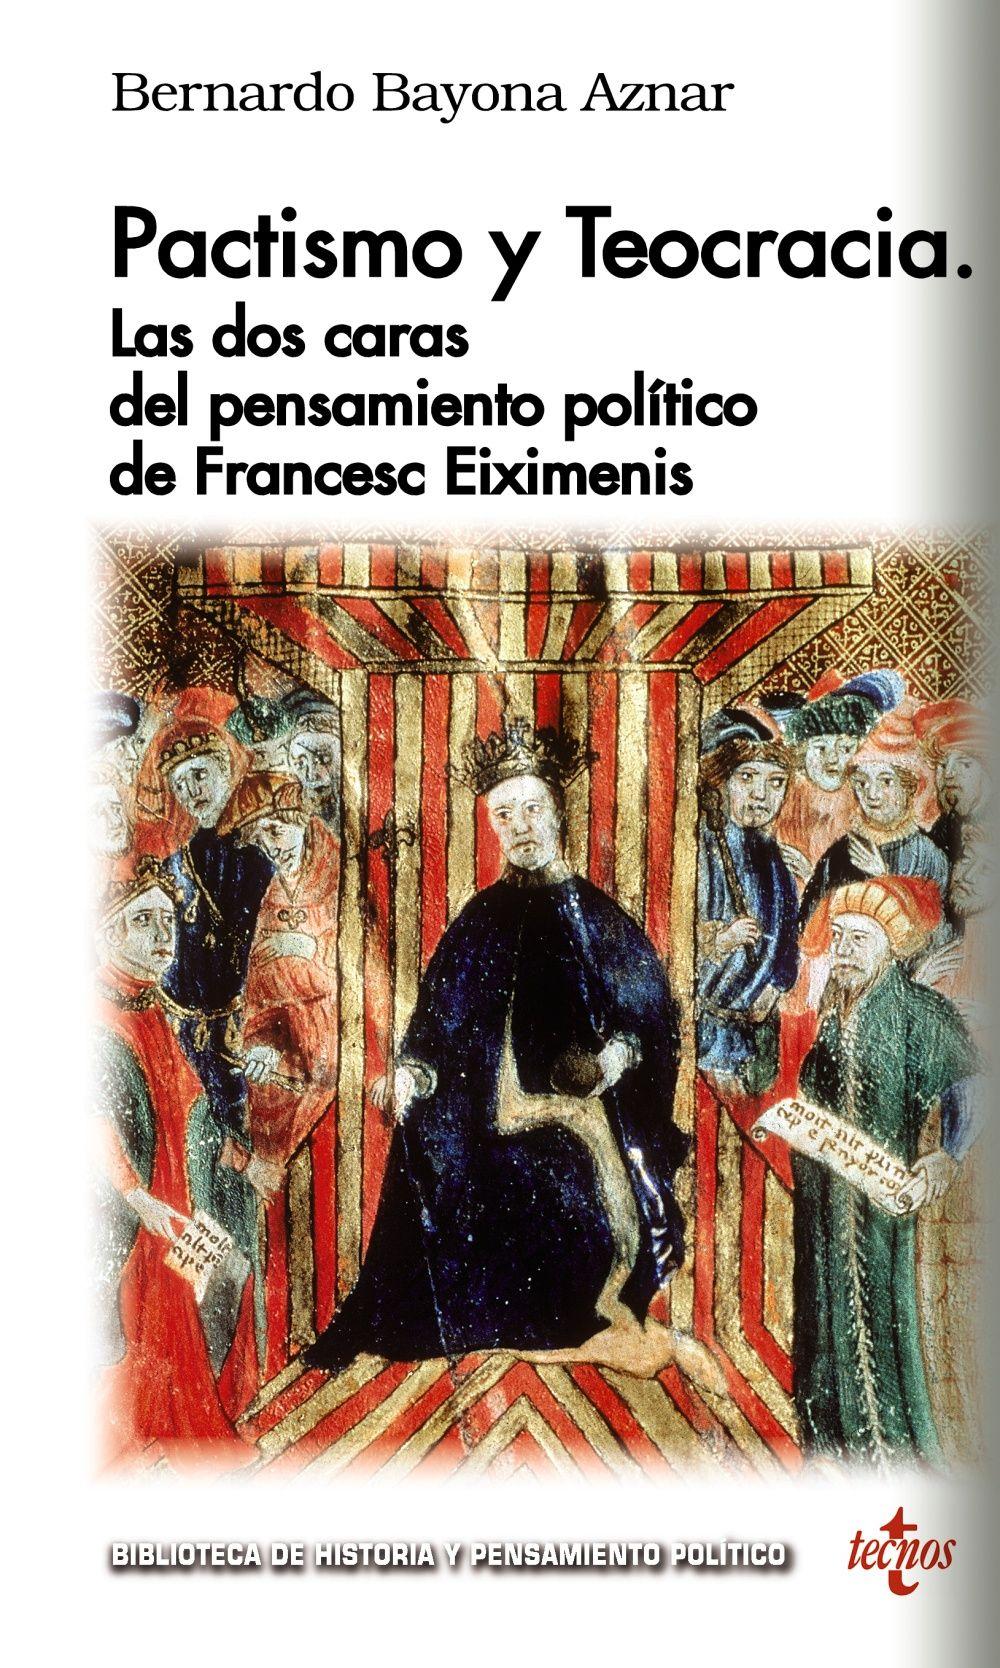 PACTISMO Y TEOCRACIA LAS DOS CARAS DEL PENSAMIENTO POLITICO DE FRANCESC EIXIMENIS